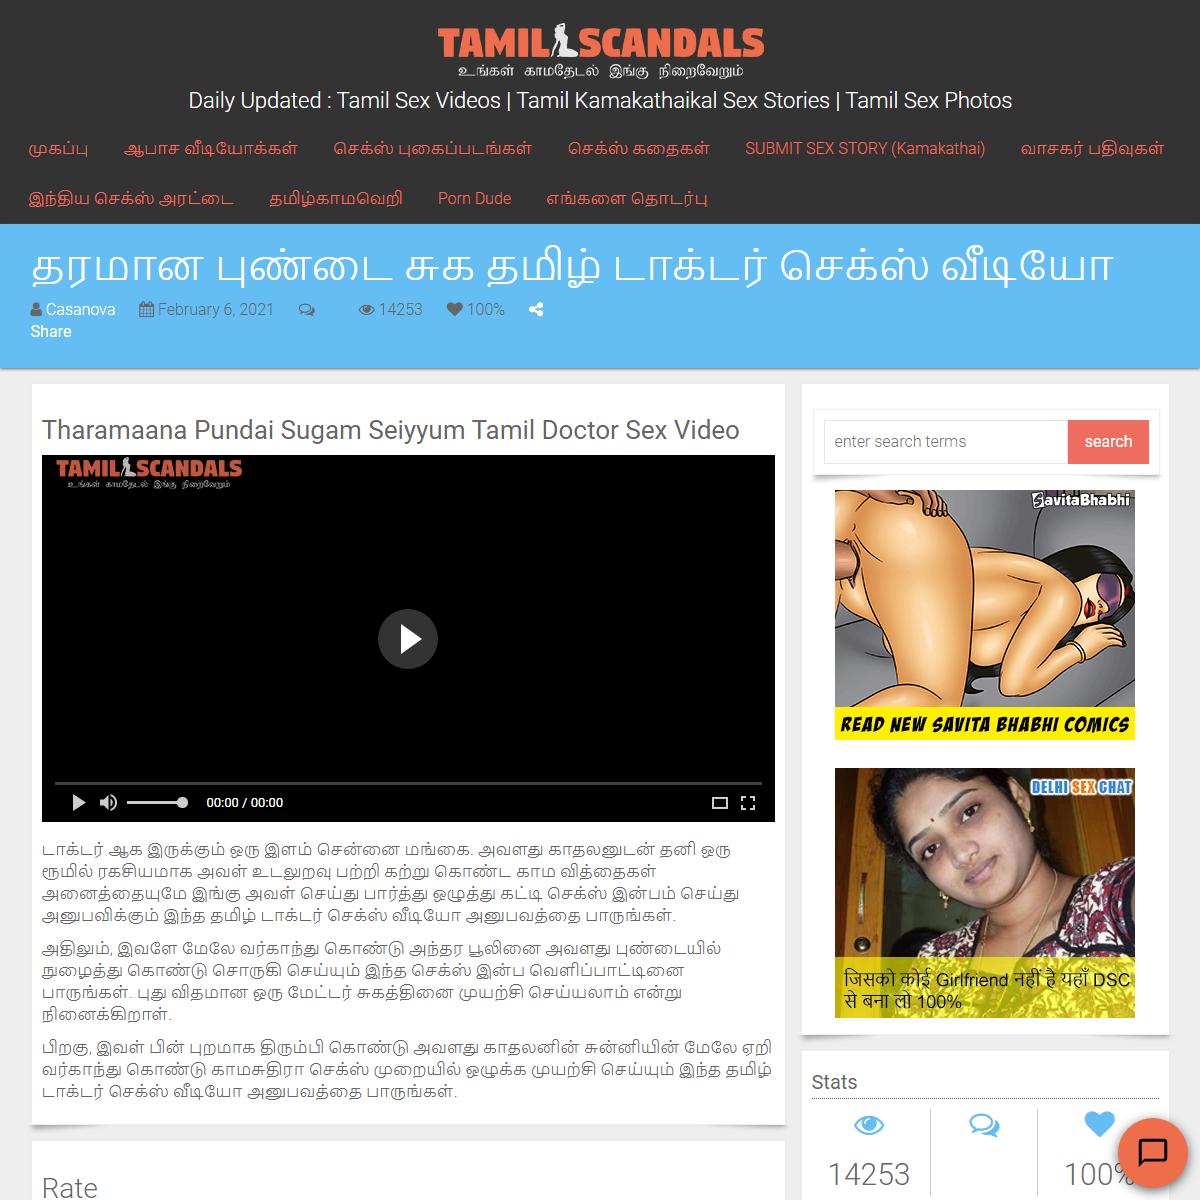 தரமான புண்டை சுக தமிழ் டாக்டர் செக்ஸ் வீடியோ